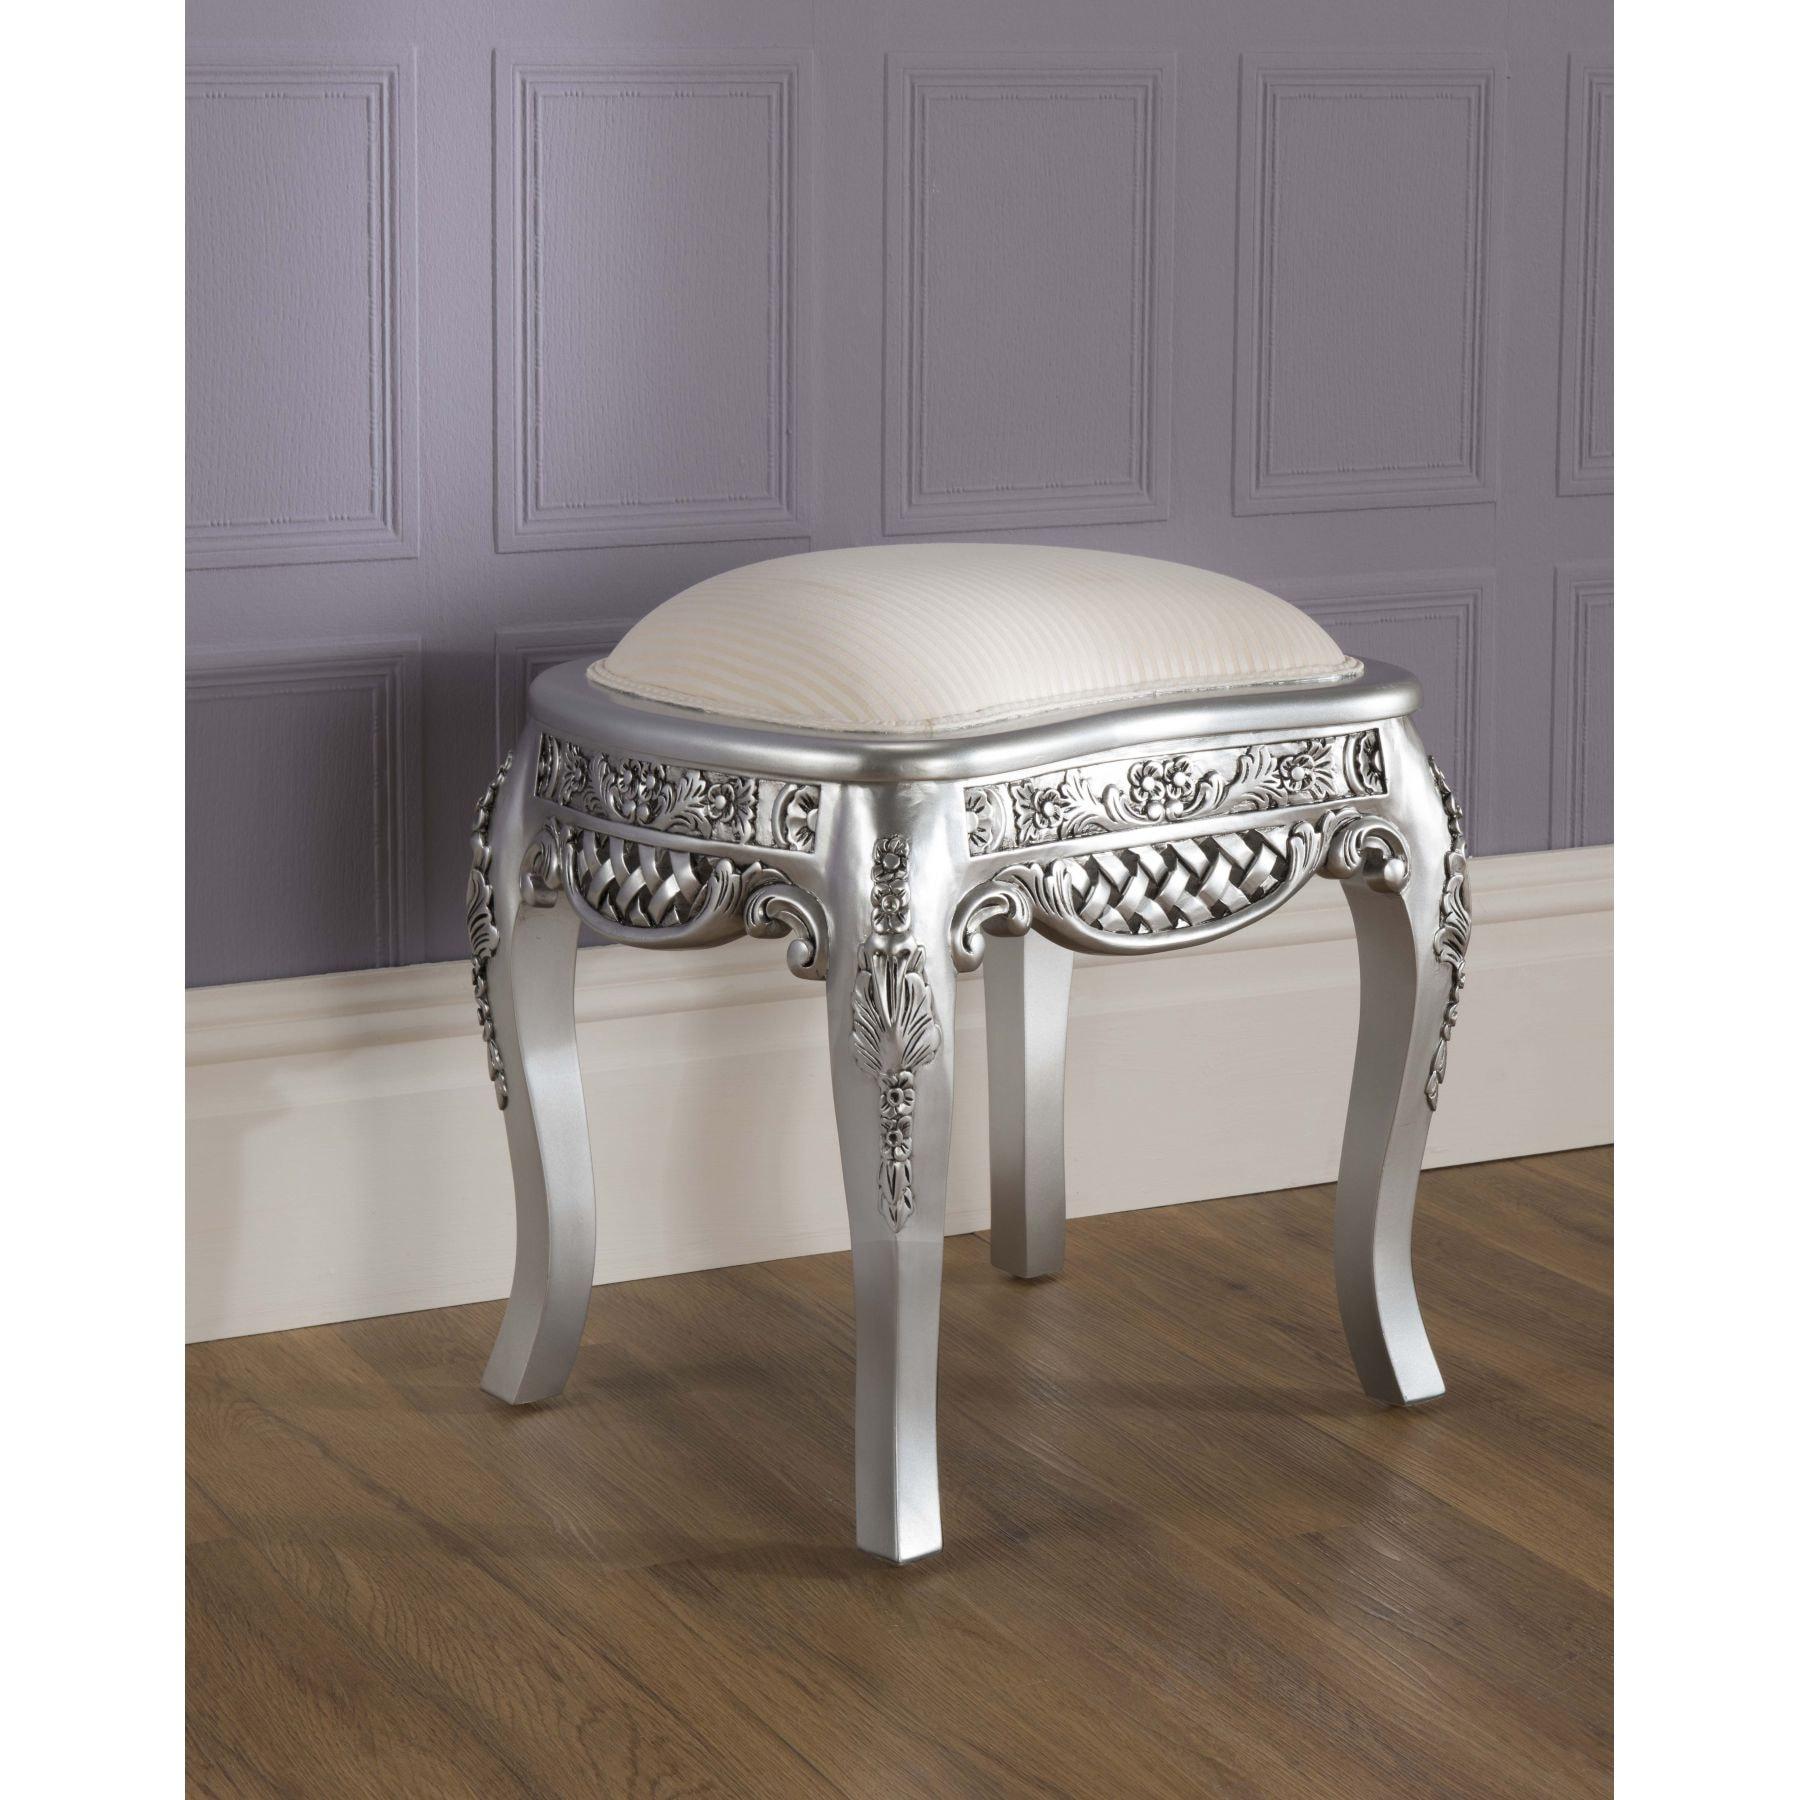 Antique bedroom furniture sets uk la rochelle antique french bed size king mattress bundle deal - La table basque la rochelle ...